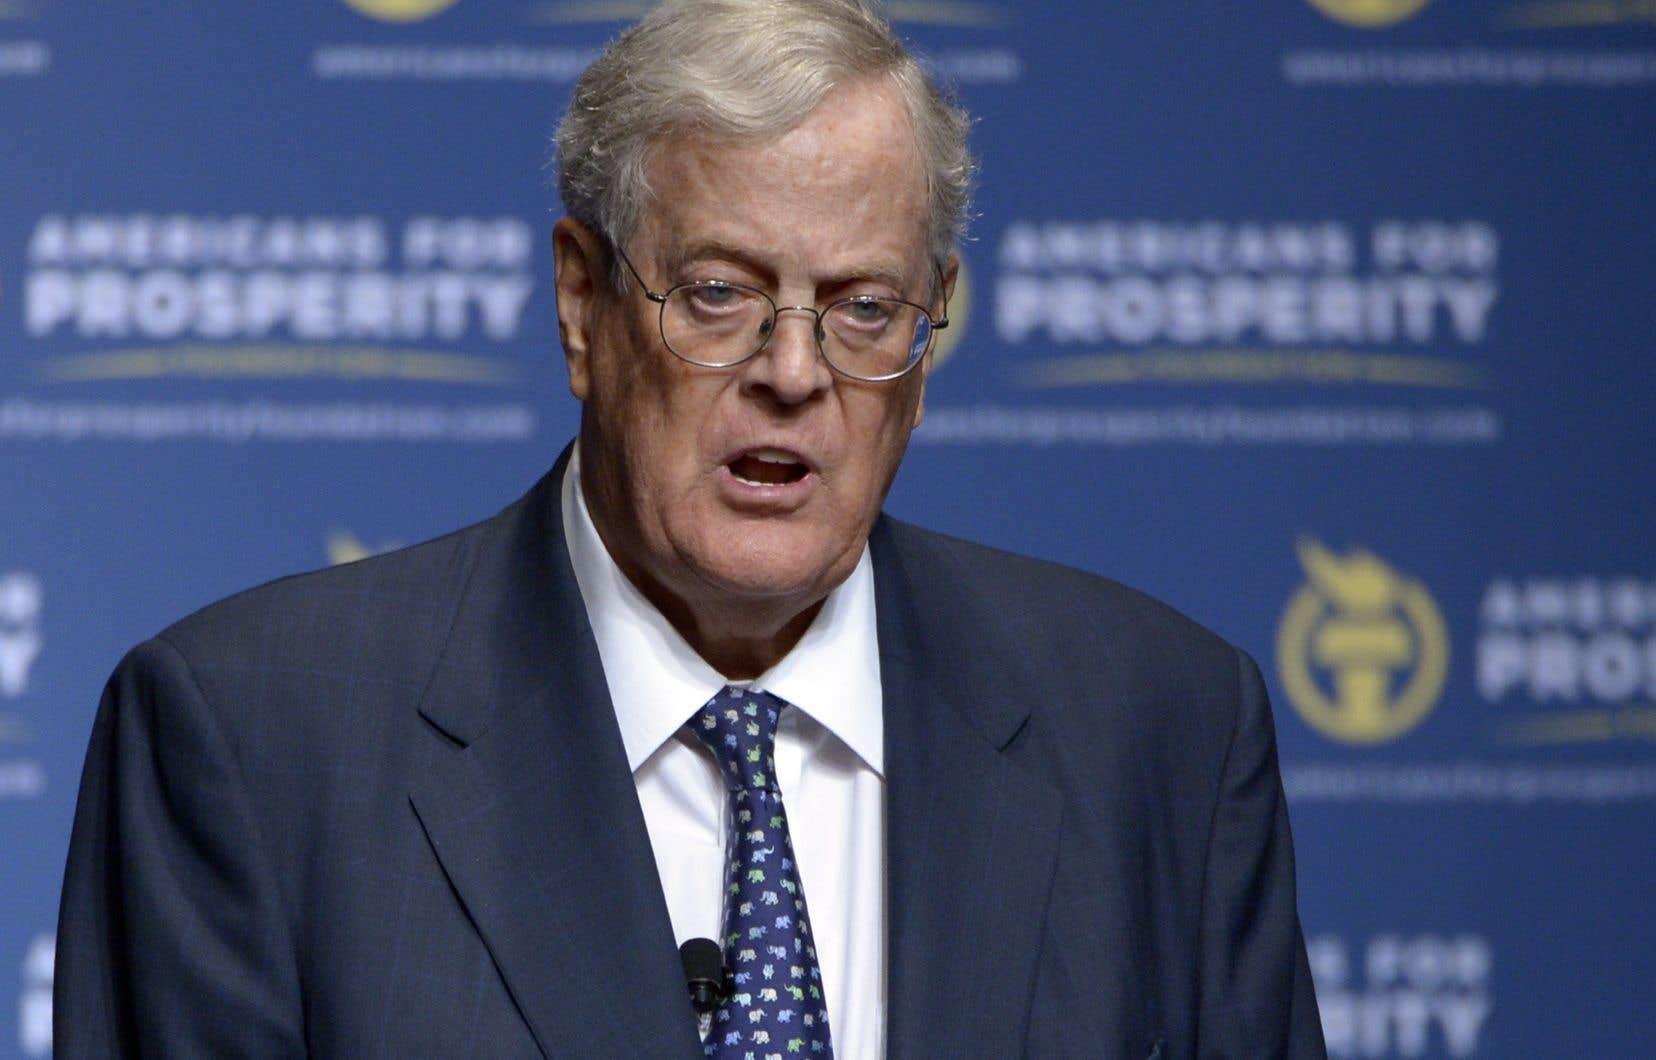 David Koch, qui avait 79ans, contrôlait avec son frère Koch Industries, la deuxième plus grande entreprise non cotée des États-Unis.